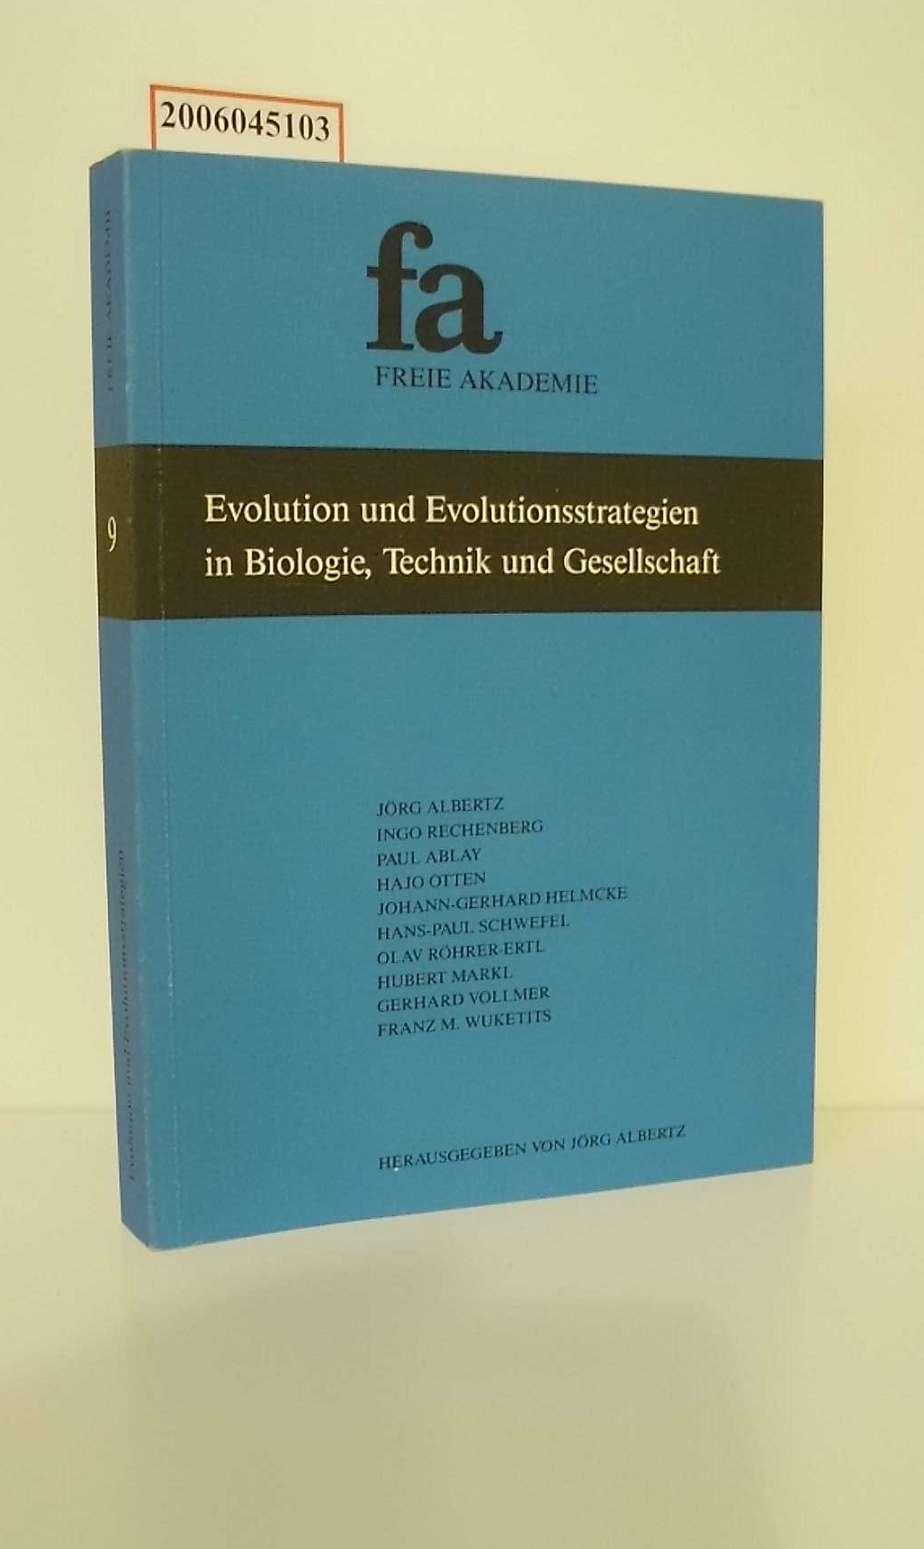 Evolution und Evolutionsstrategien in Biologie, Technik und Gesellschaft / Freie Akademie. Jörg Albertz ... Hrsg. von Jörg Albertz / Freie Akademie: Schriftenreihe der Freien Akademie ; Bd. 9